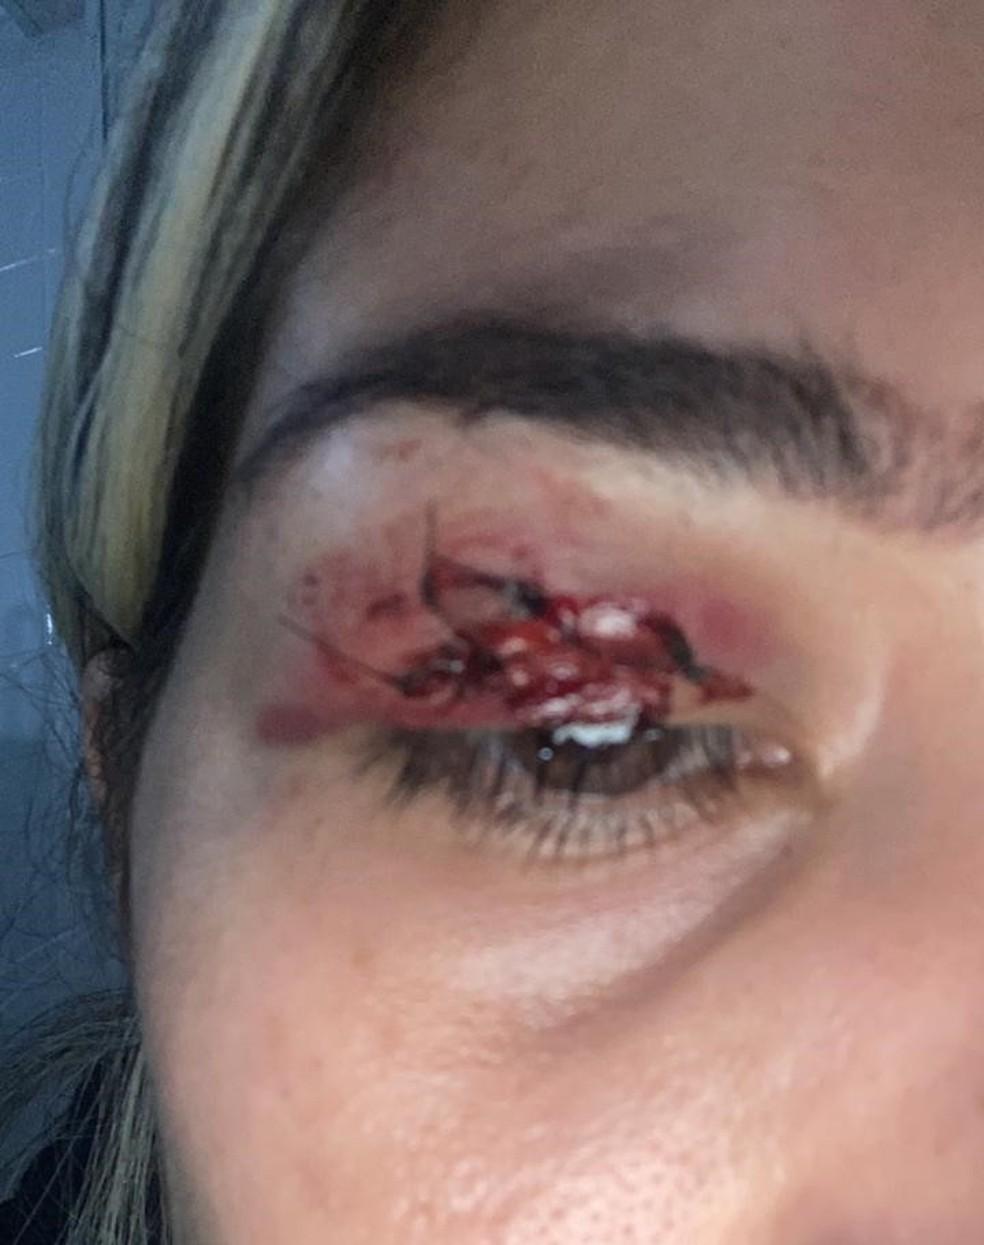 Vítima precisou levar pontos na pálpebra após agressão em Praia Grande, SP — Foto: Arquivo pessoal